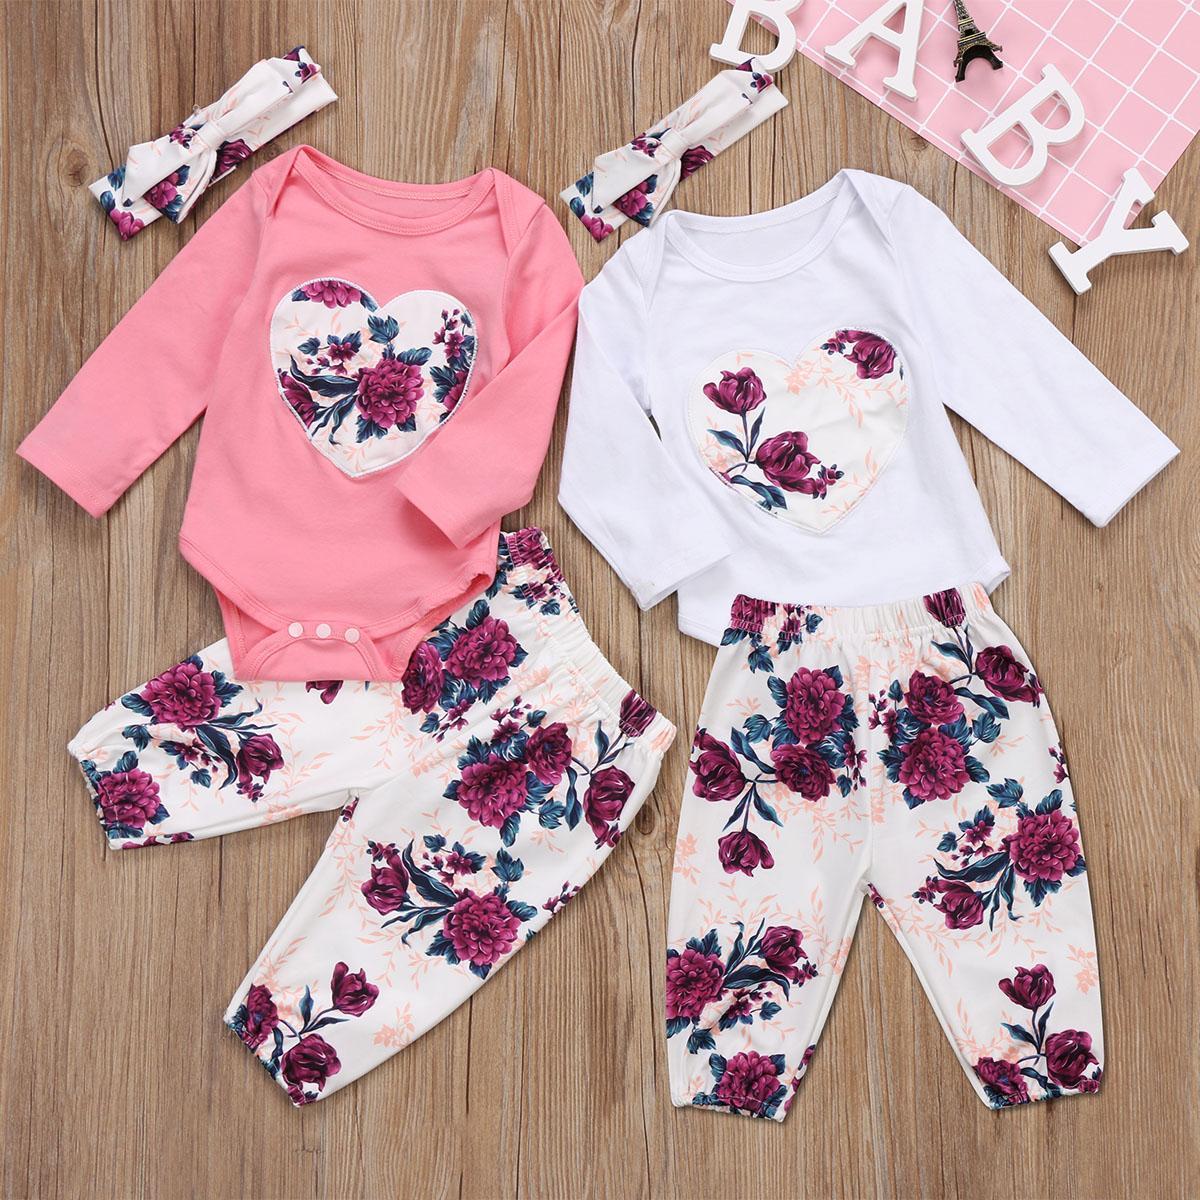 Cocotina Lucu Bayi Baru Lahir Anak Perempuan Balita Naik Merah Baju Pleu Blus 3 Doghnut 12 Bulan Muda Manis Jabang Source